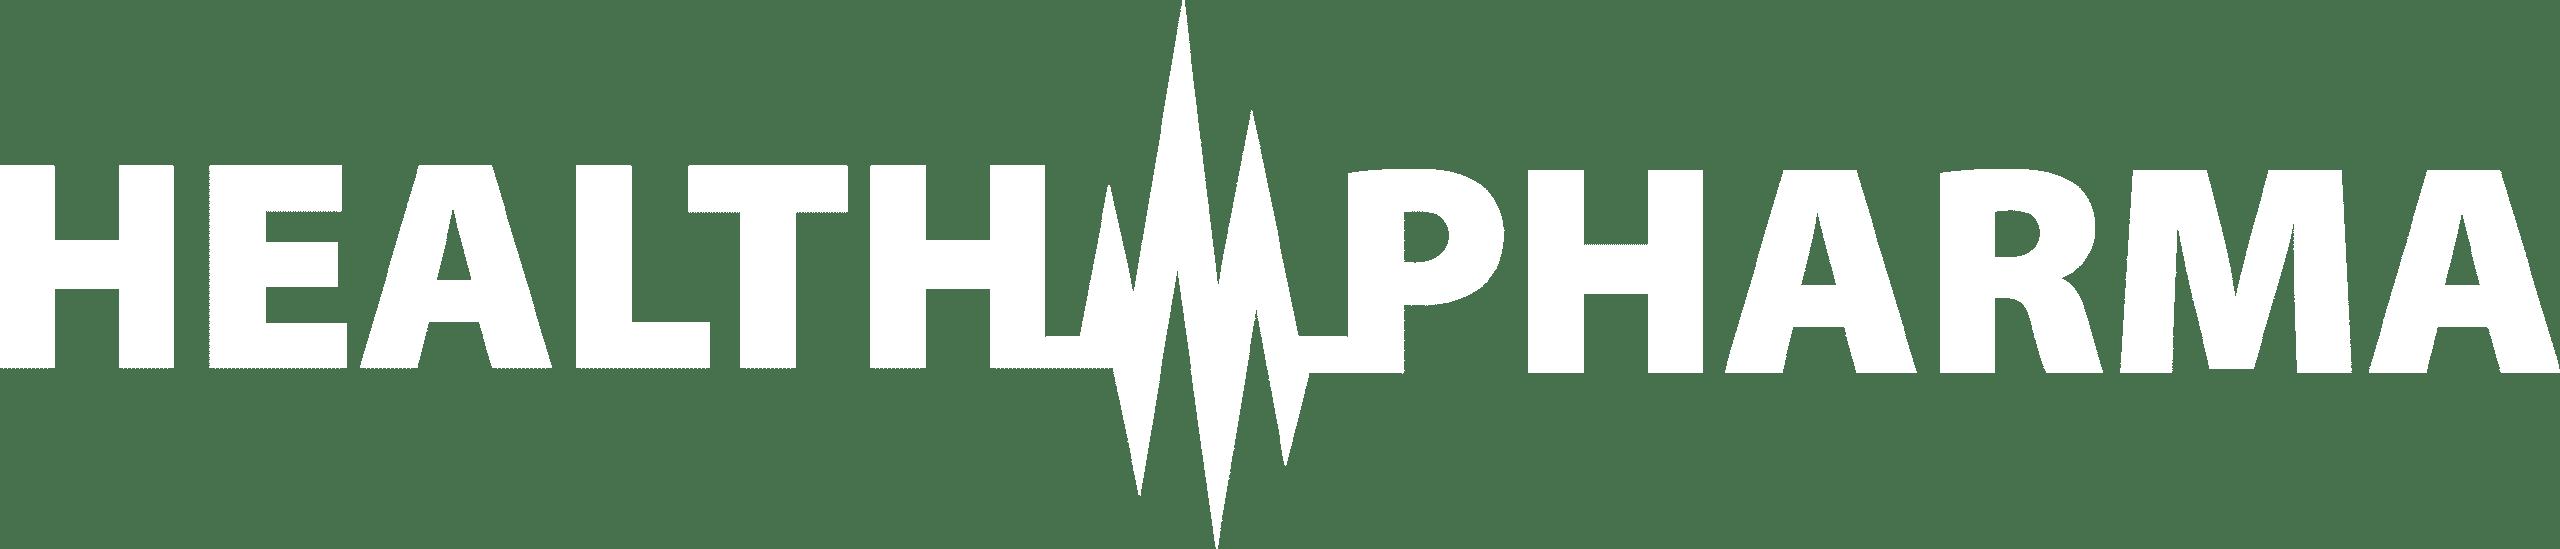 Healthpharma.gr